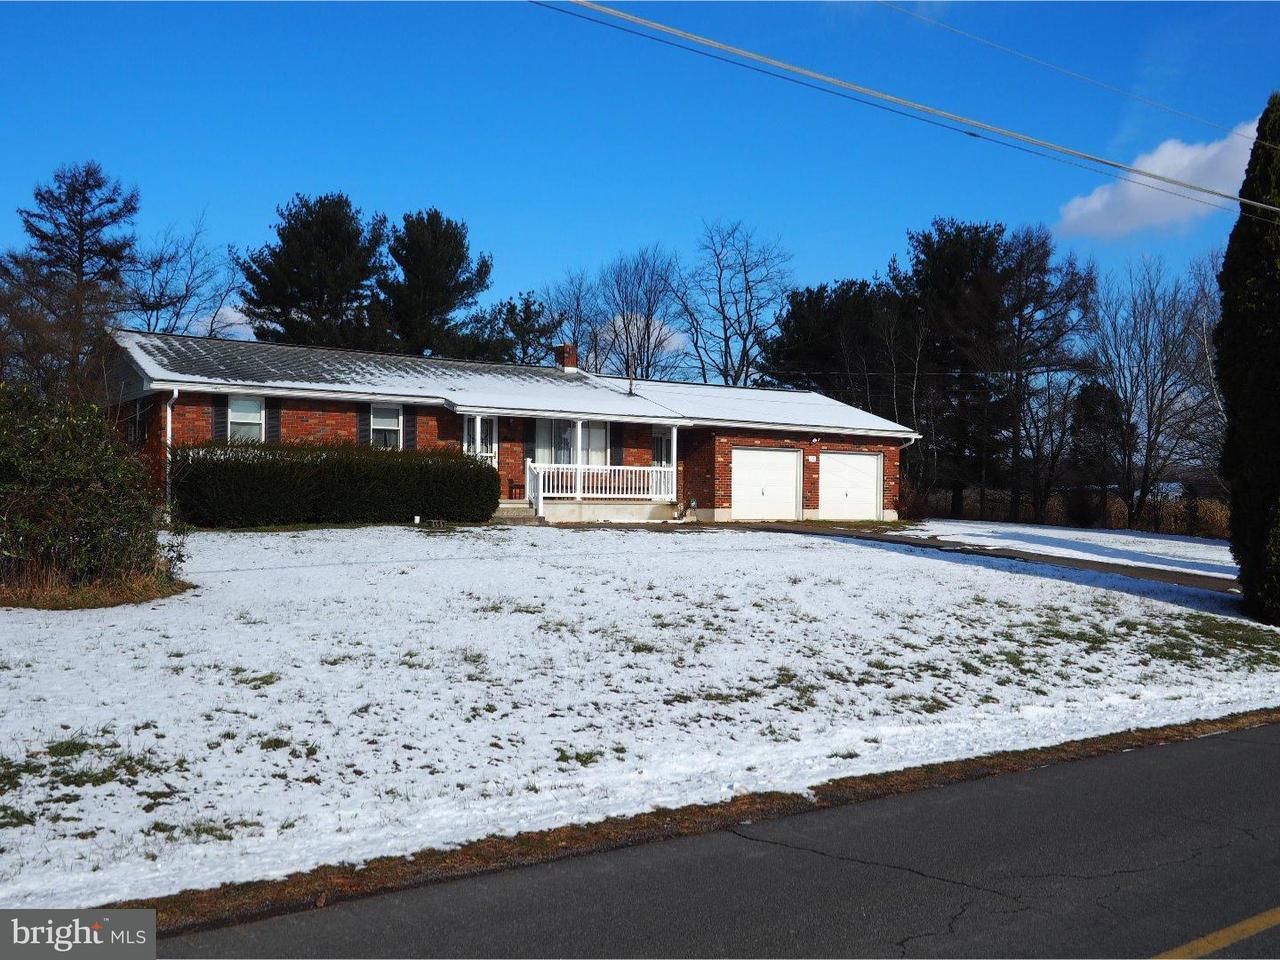 独户住宅 为 销售 在 581 HECLA Road 新林戈尔德, 宾夕法尼亚州 17960 美国